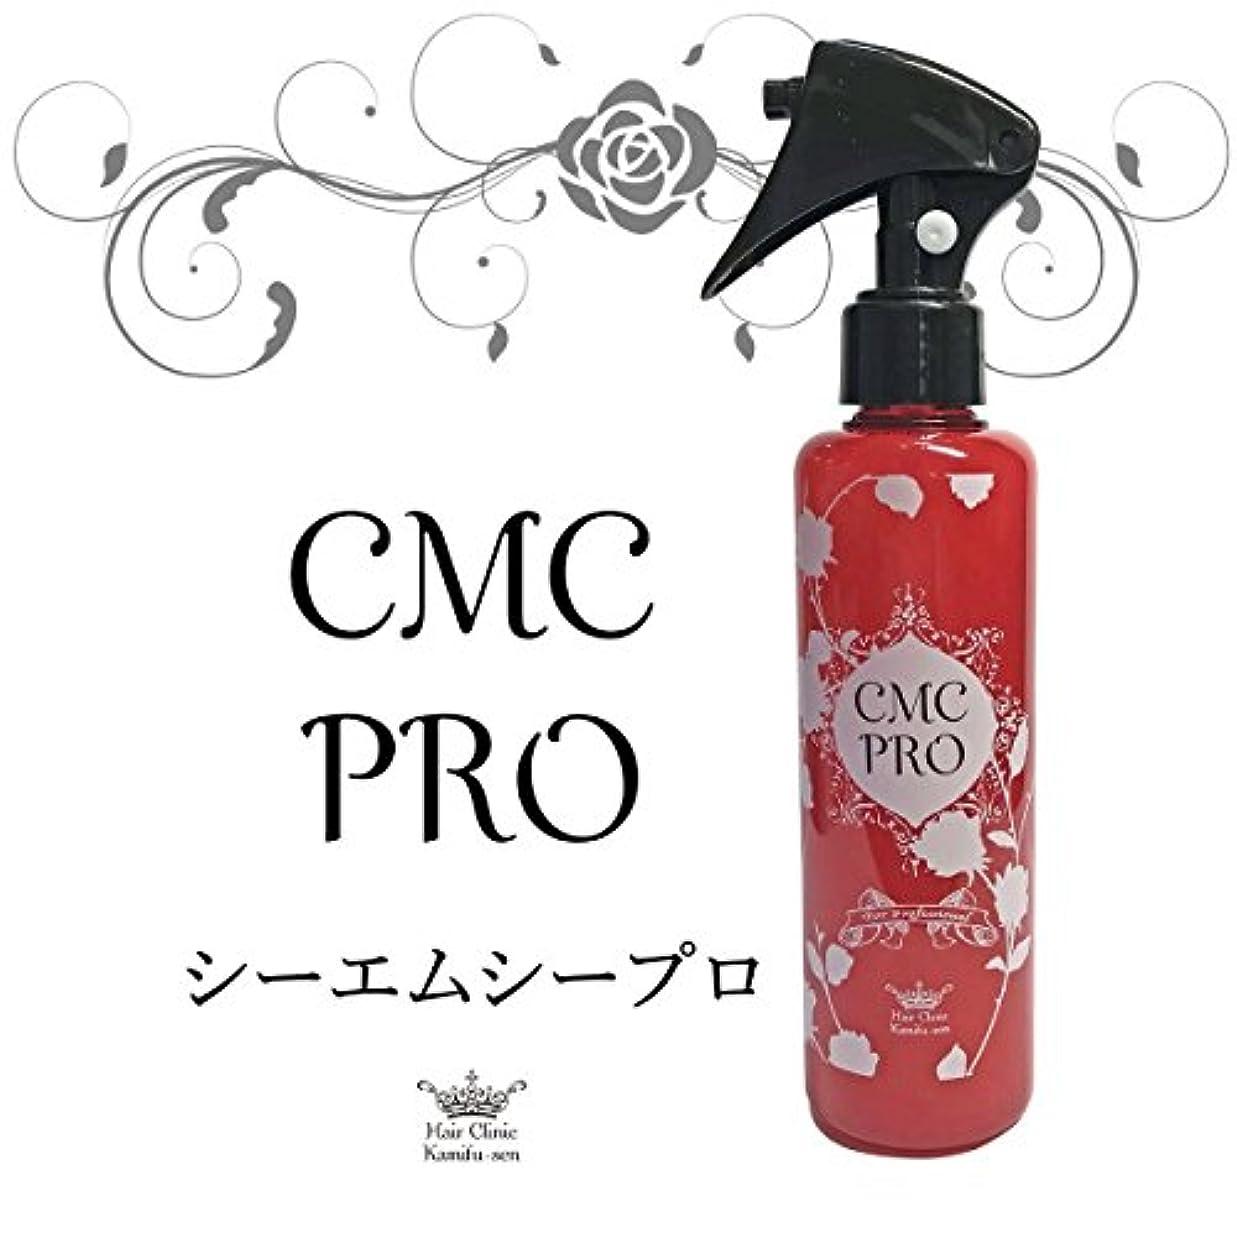 クモアダルト軽蔑するCMCプロ(200ml)(バサバサ髪もしっとり髪へ、ビビリ毛修正に最適)